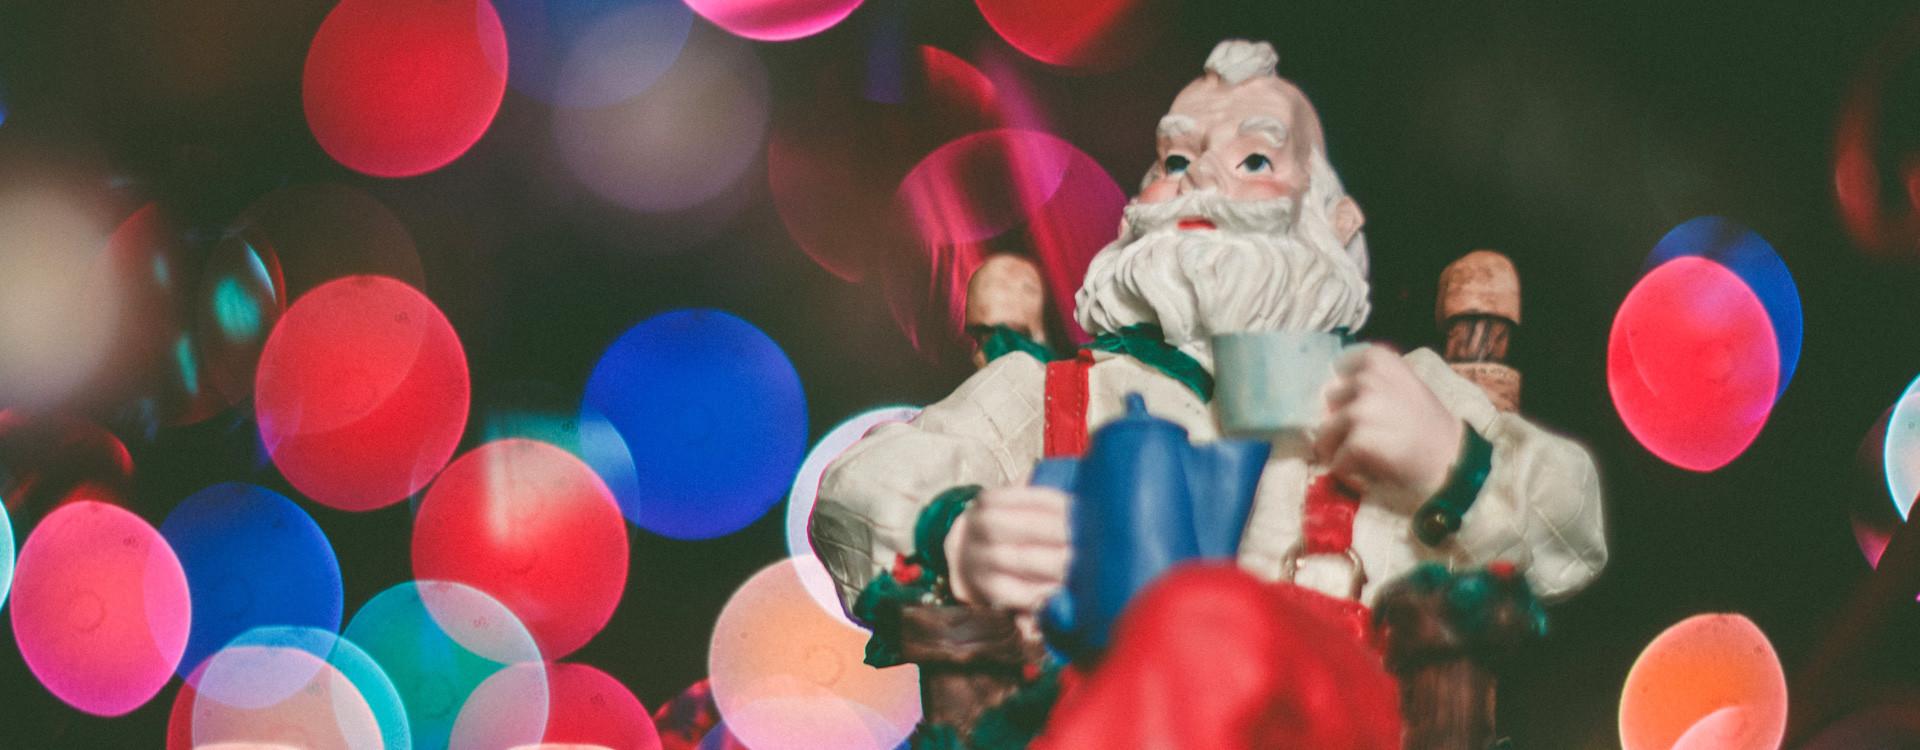 D'où vient le thé de Noël? Découvrez des recettes inédites et des idées cadeaux!